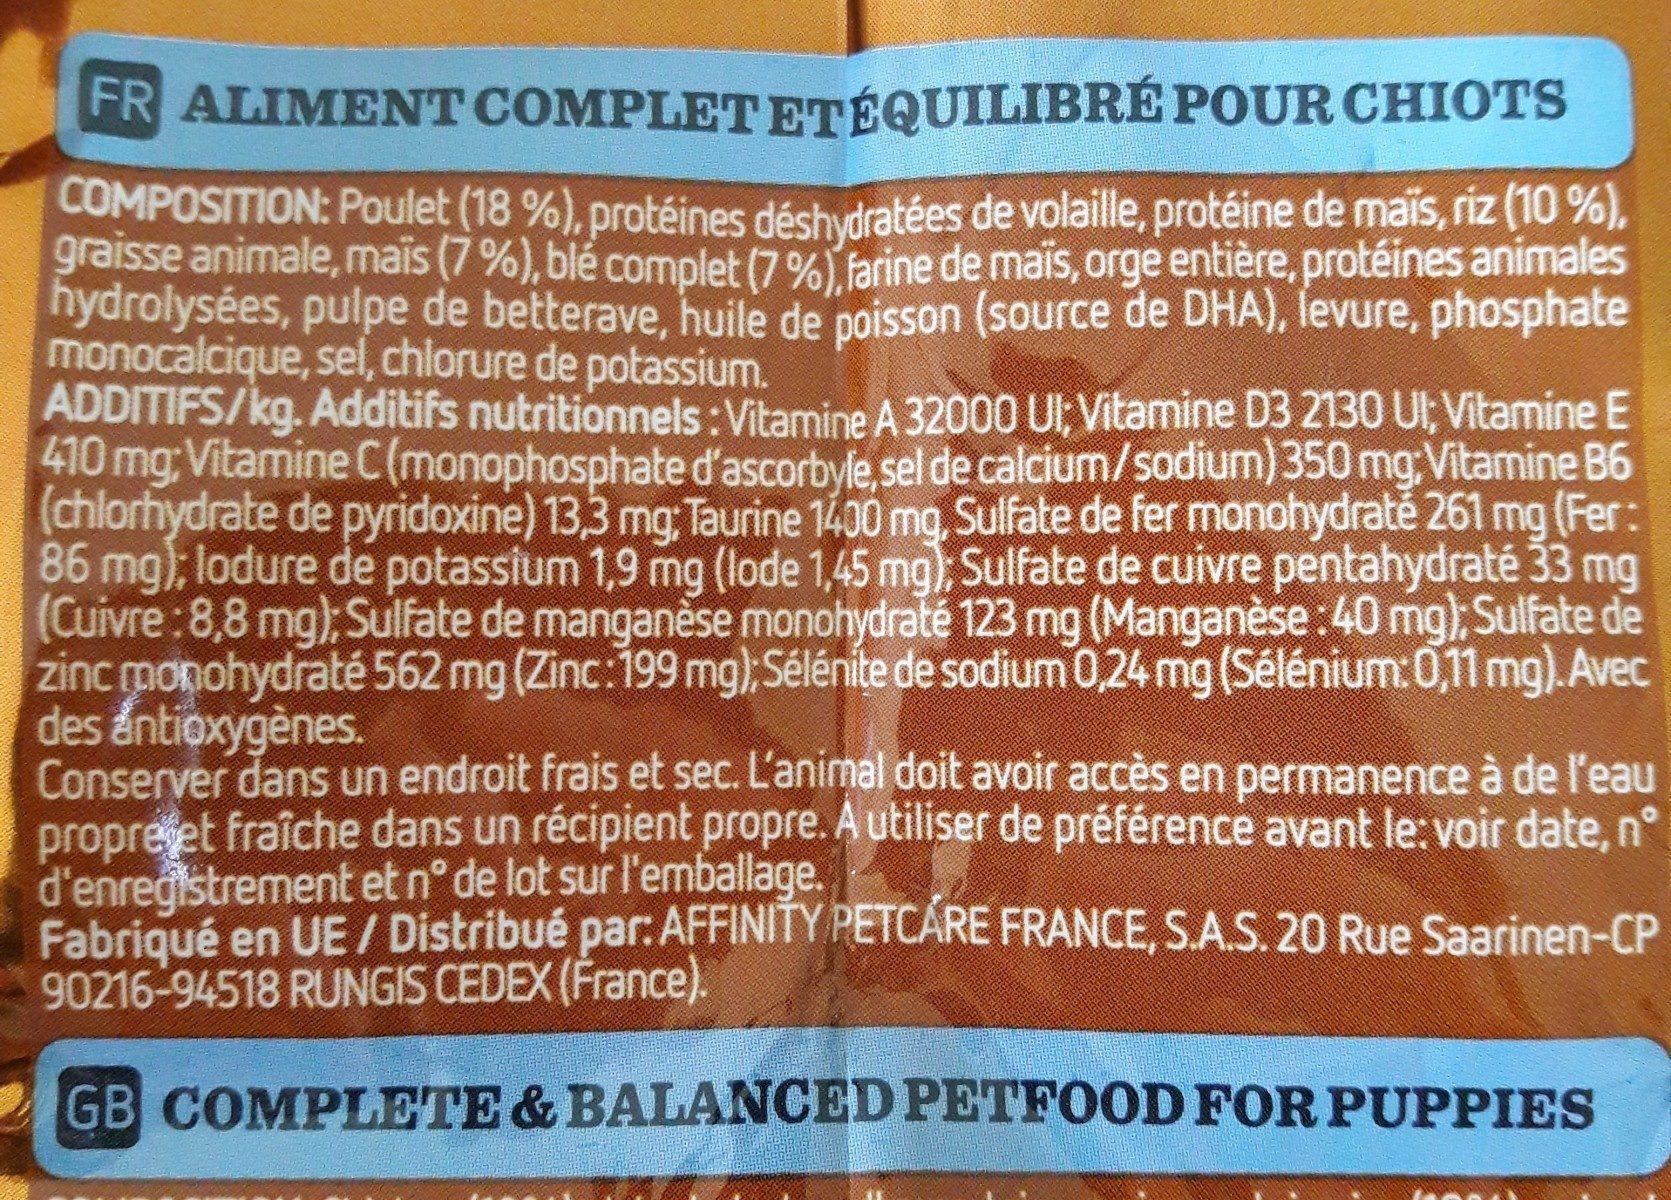 Ultima affinité medium maxi junior - Ingredients